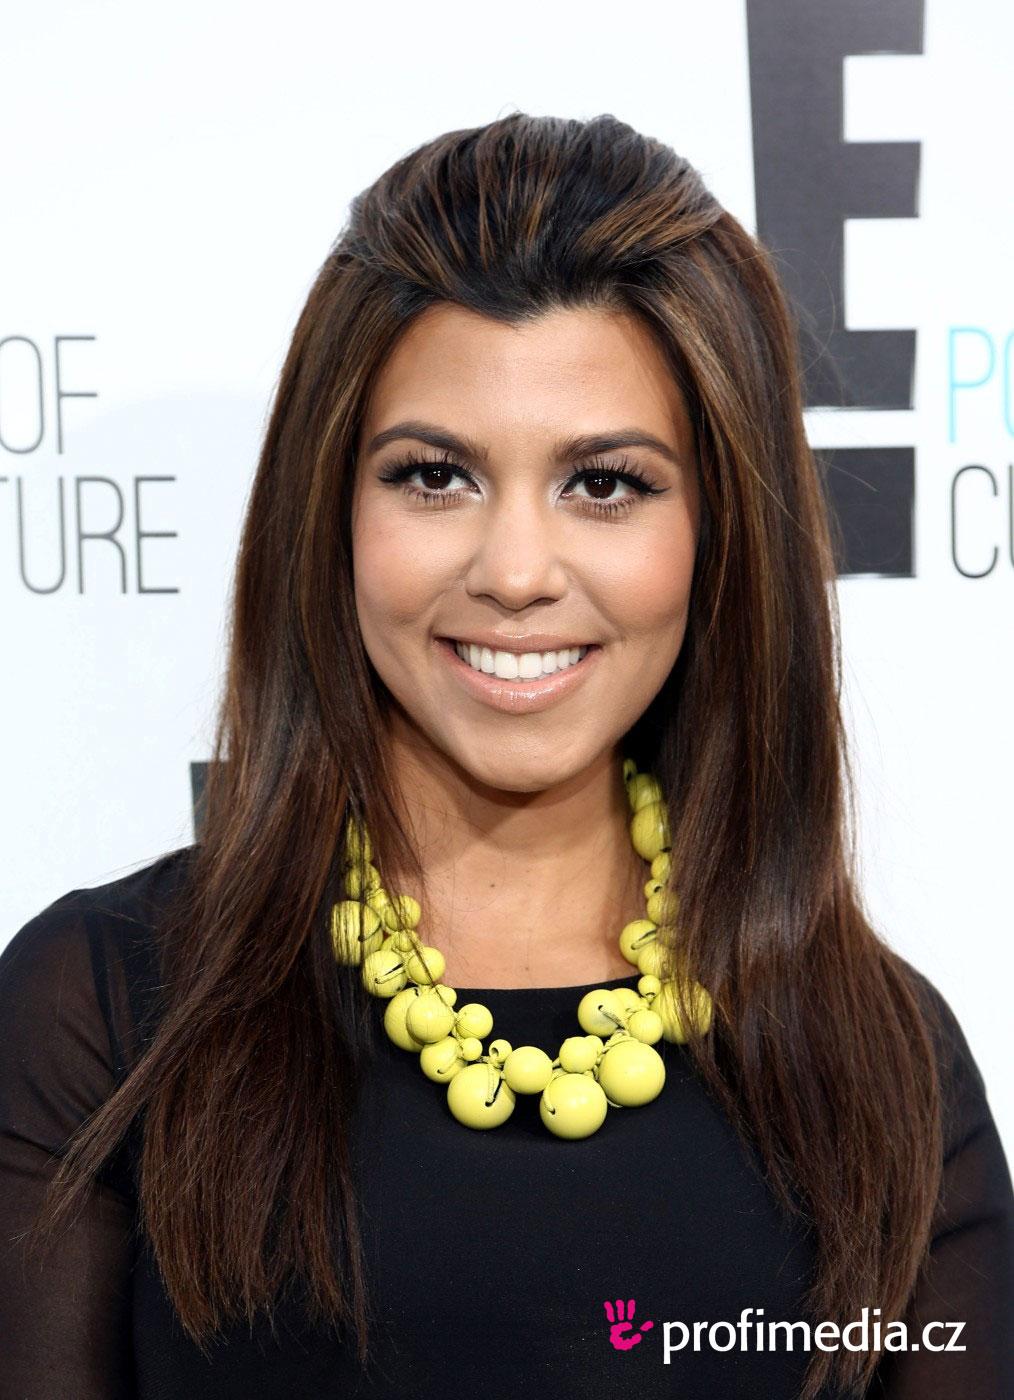 kourtney kardashian - - hairstyle - easyhairstyler